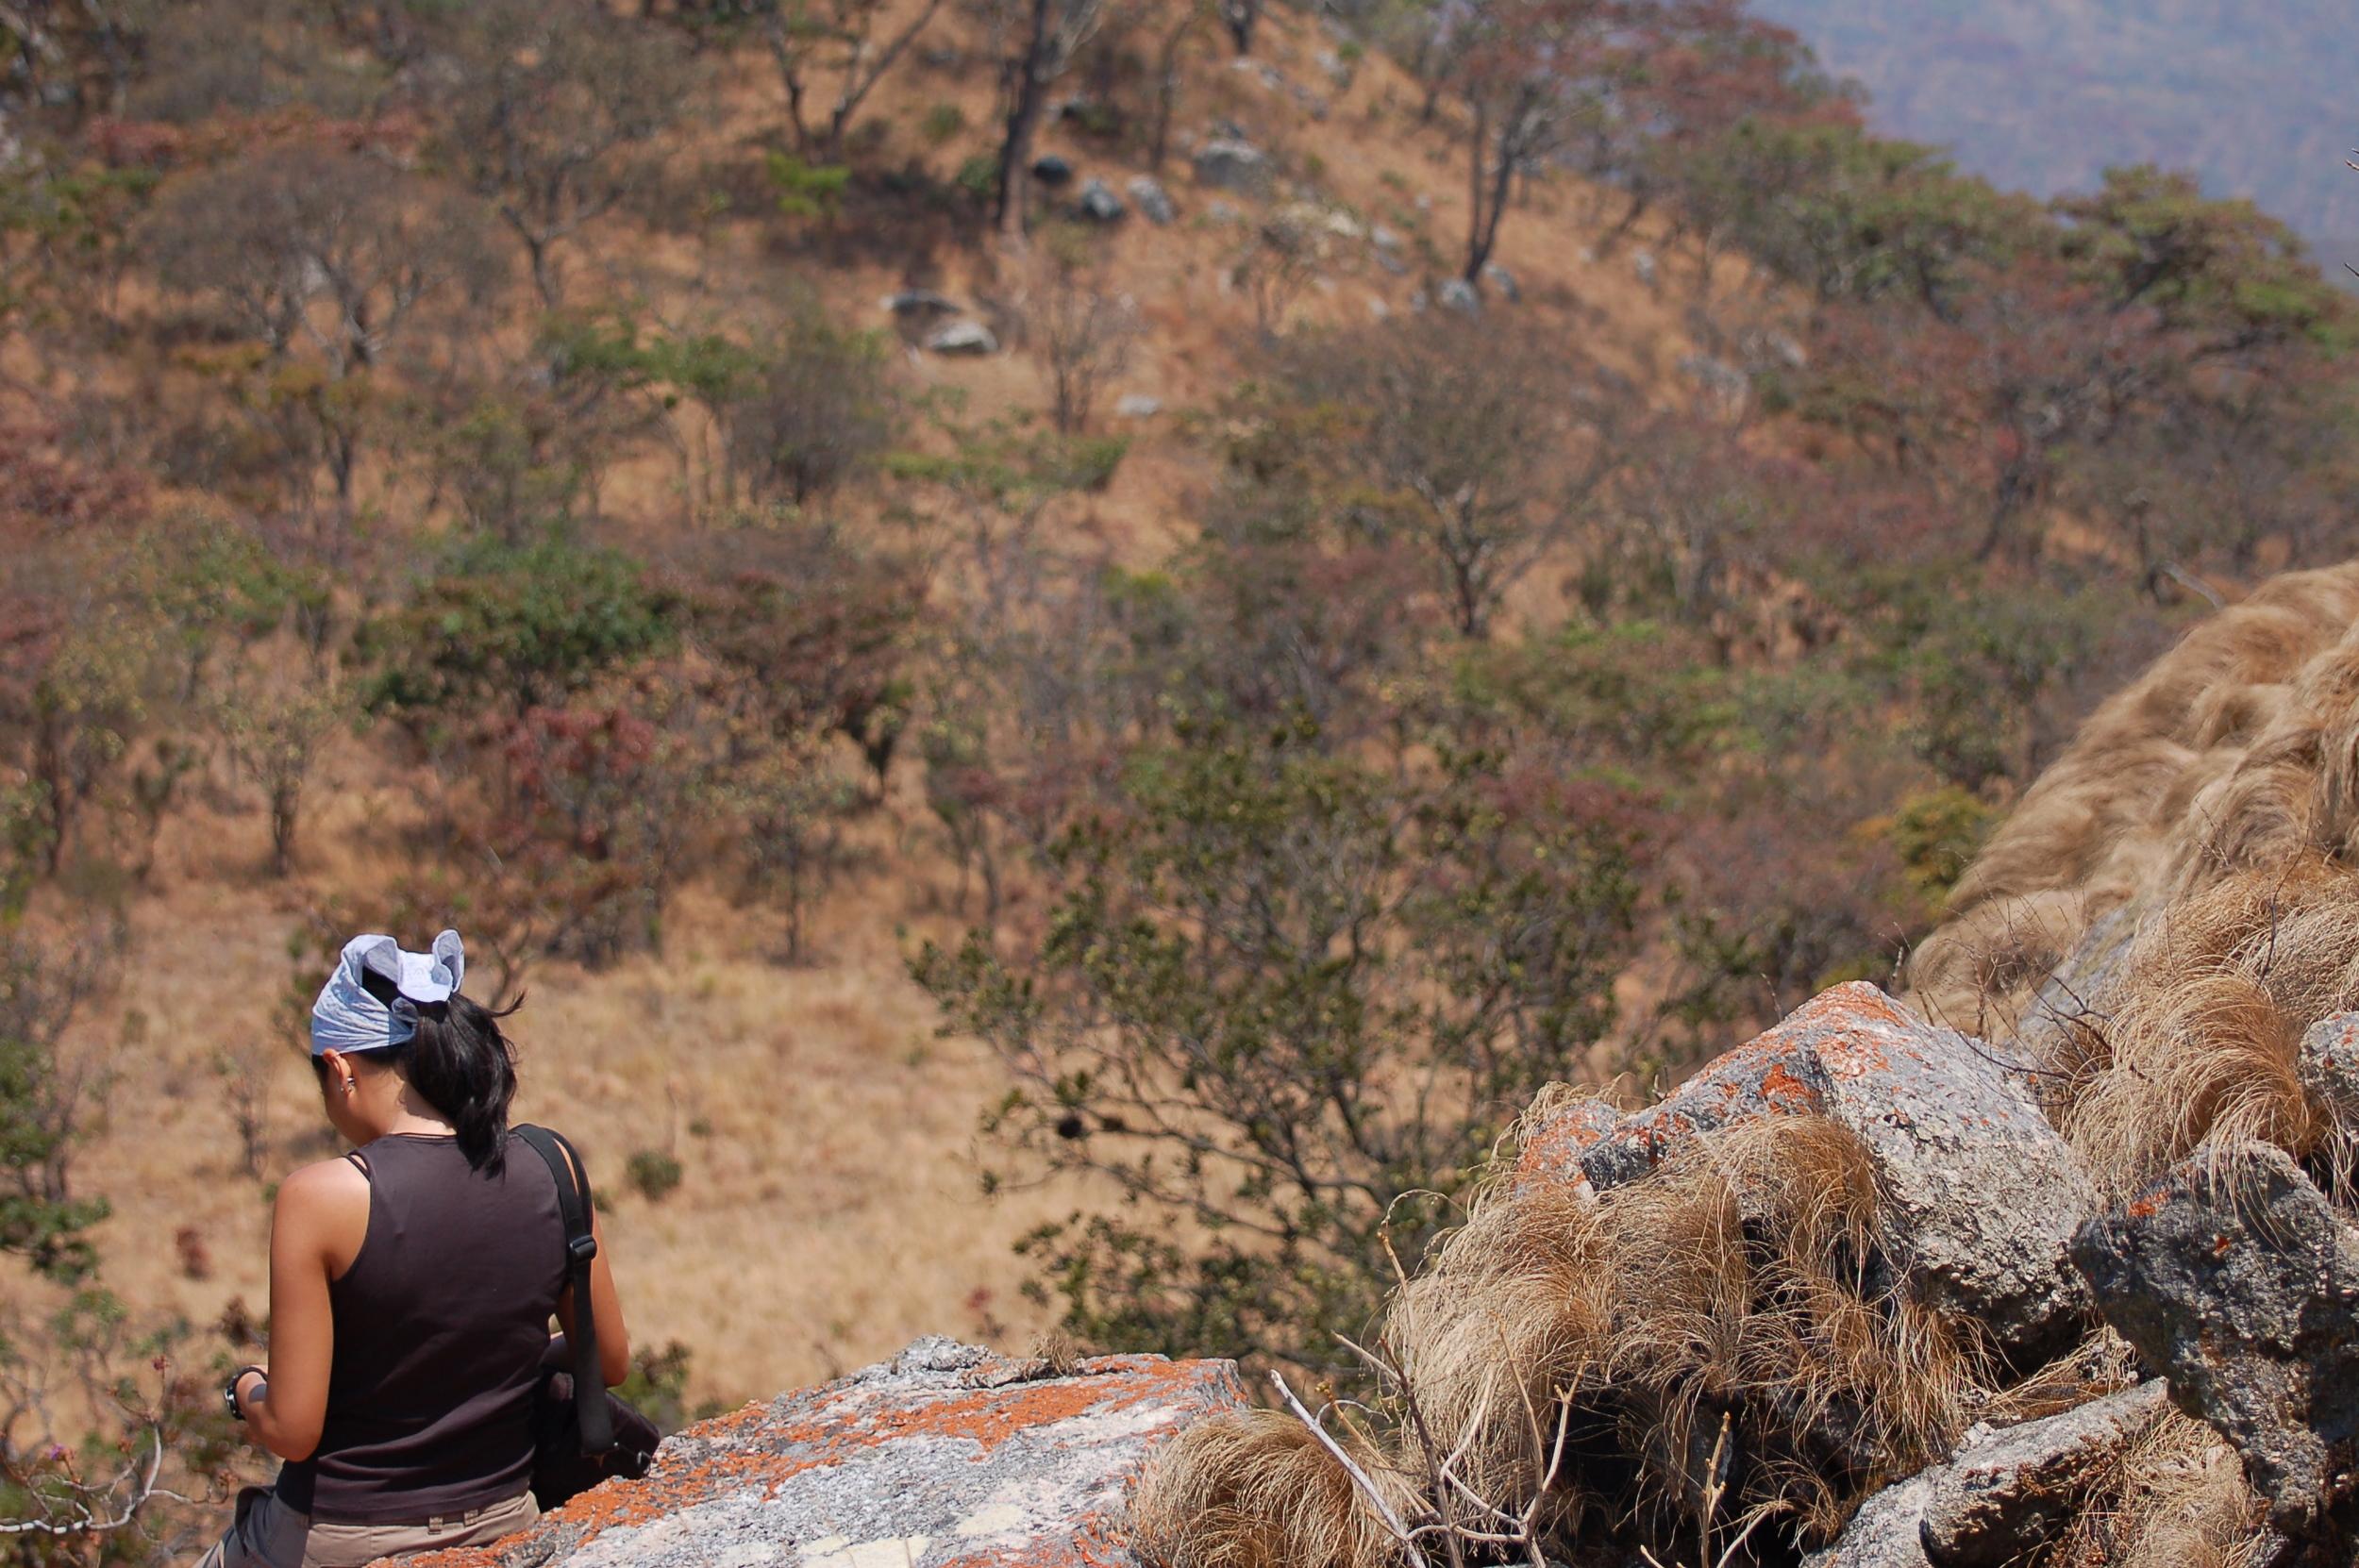 malawi154